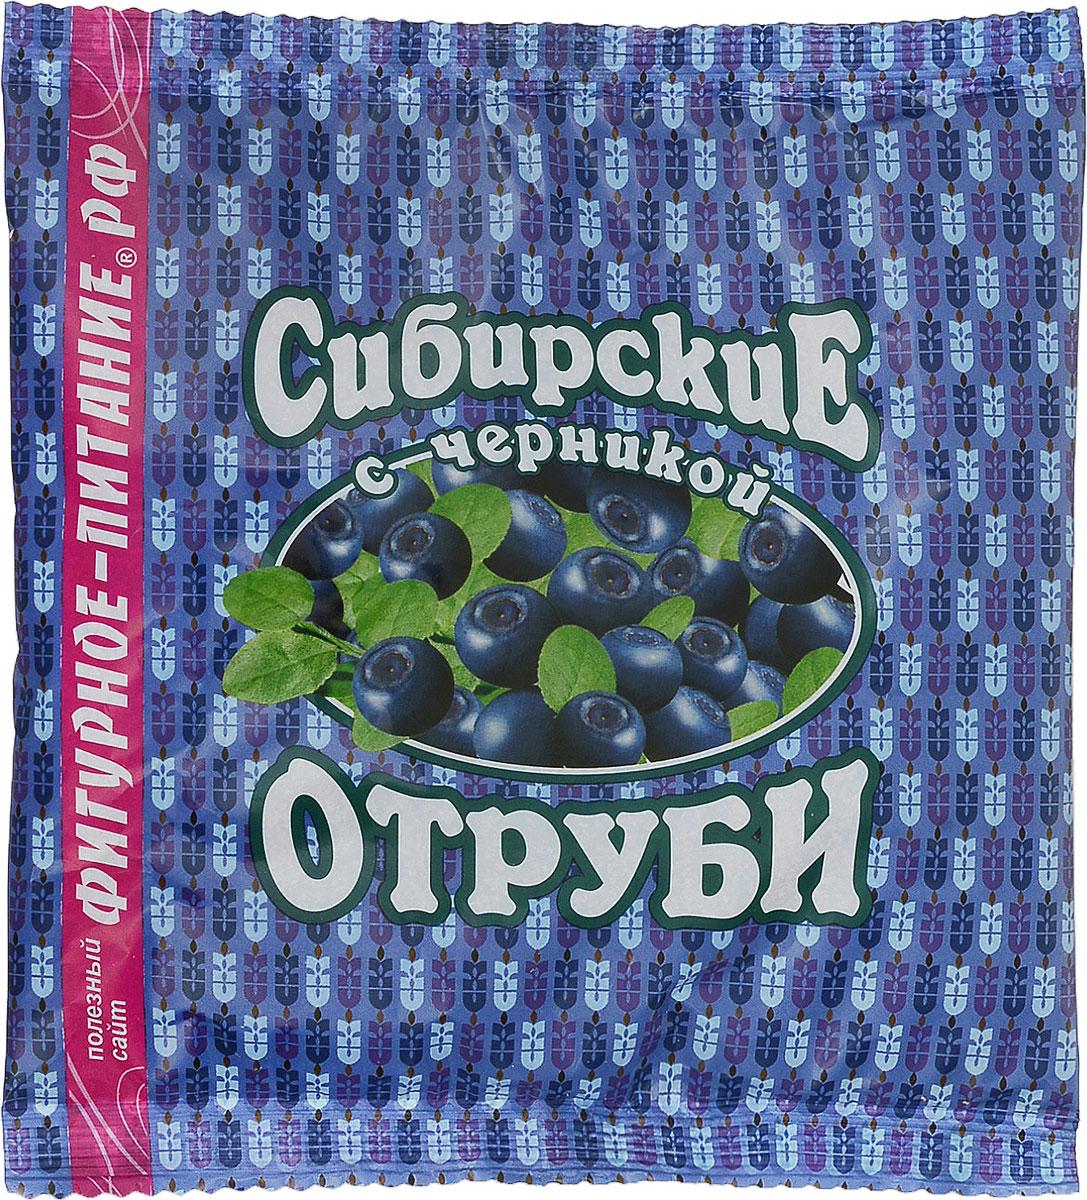 Сибирские отруби пшеничные с черникой, 200 г каши nestle молочная мультизлаковая каша с яблоком и бананом с 6 мес 220 г